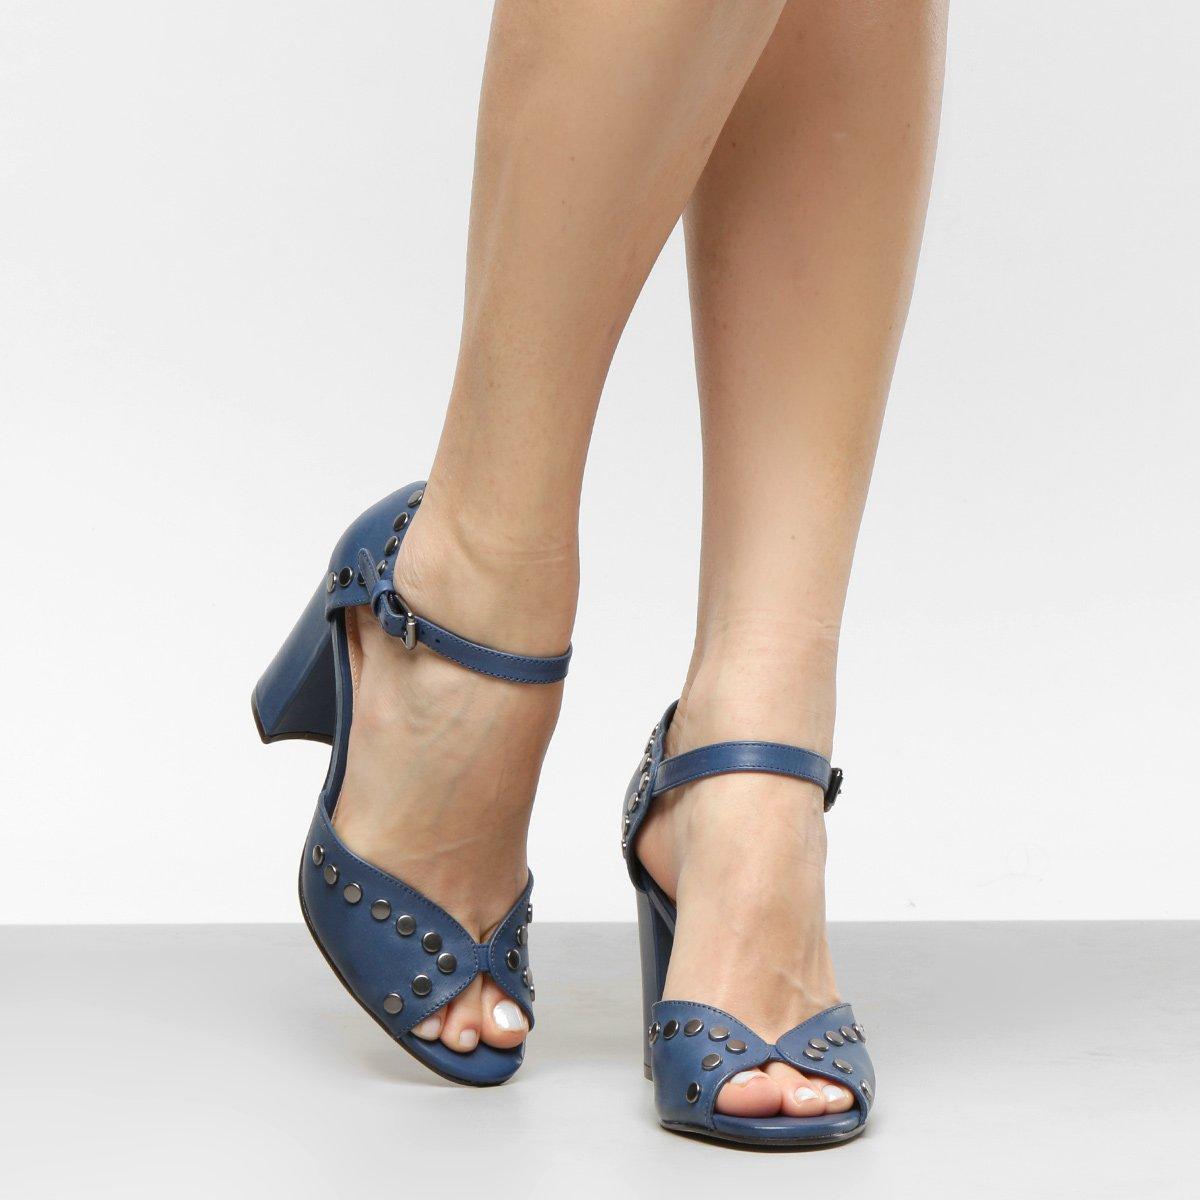 fdda430a1e Sandália Couro Shoestock Salto Grosso Tachas Feminina - Compre Agora ...